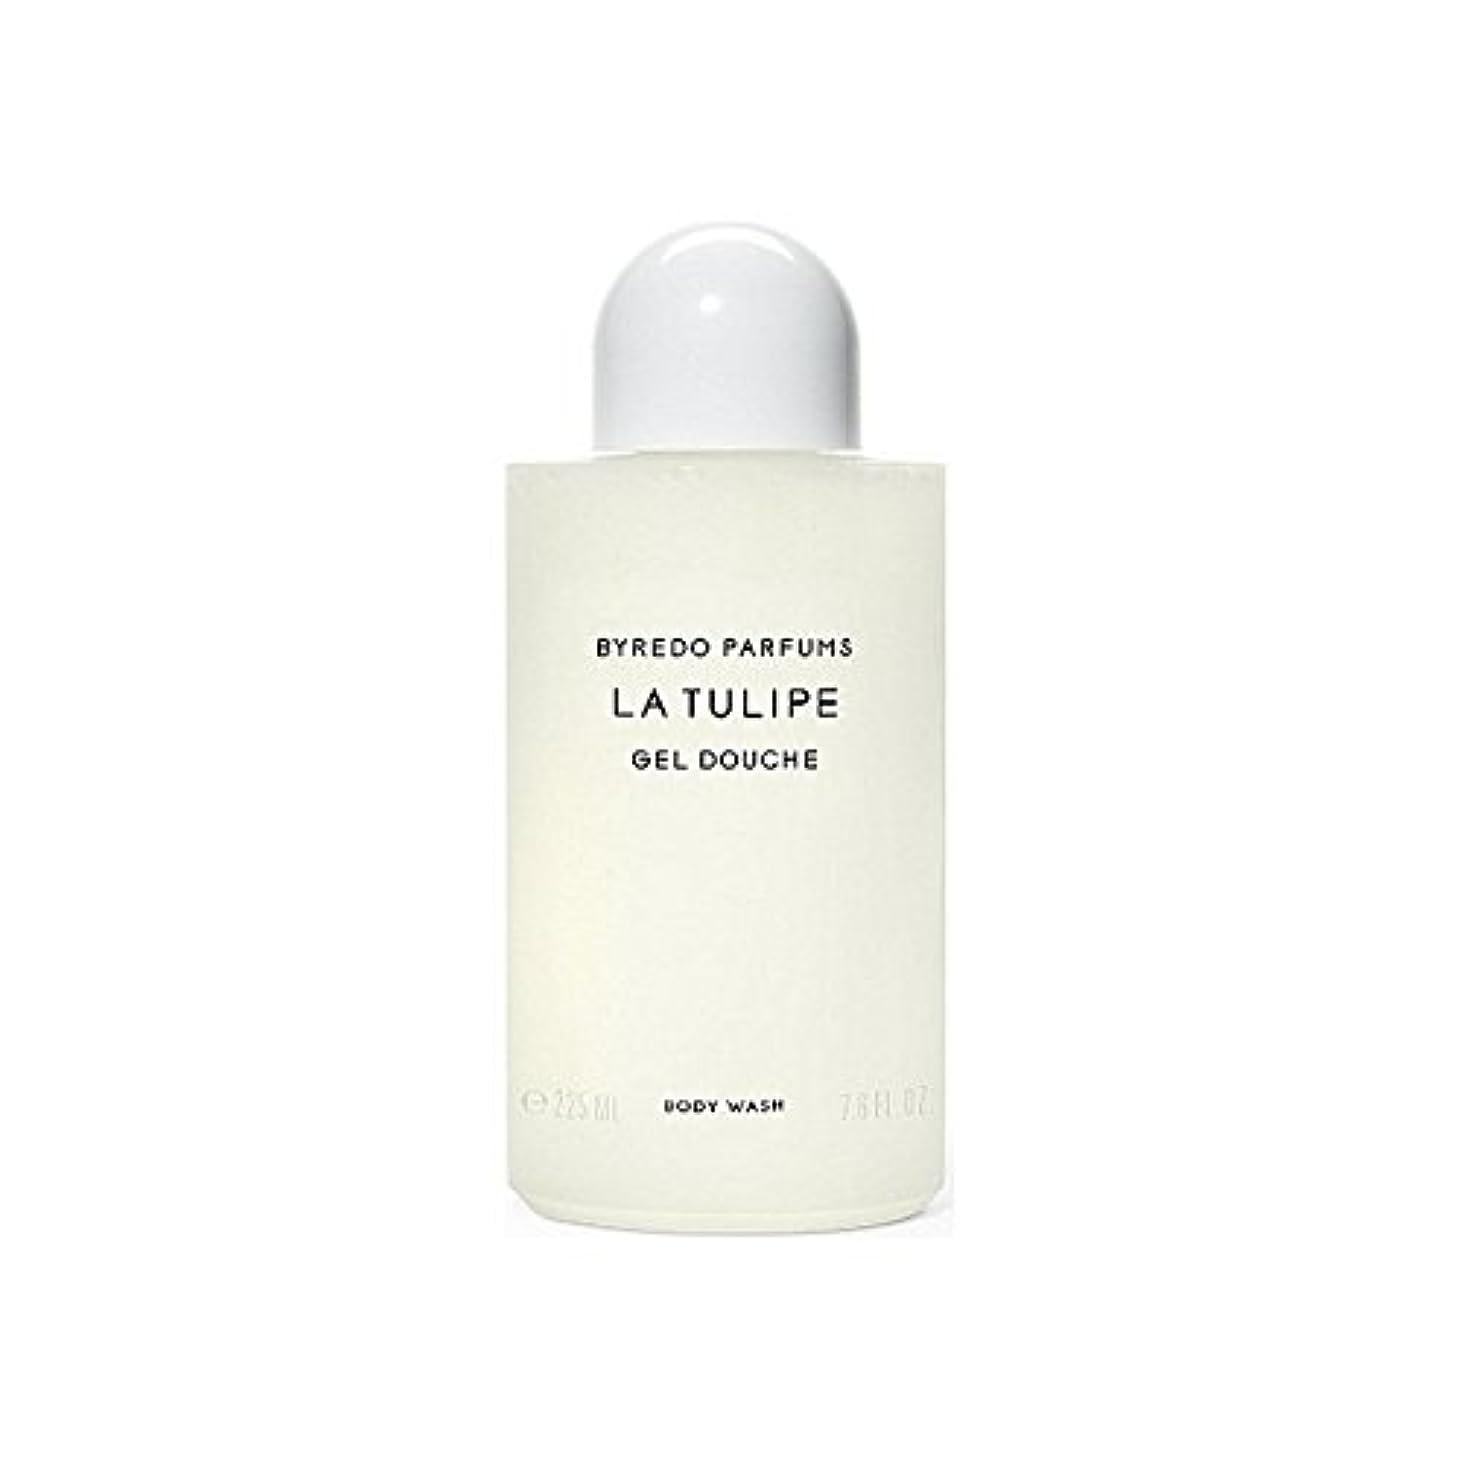 分析的な保持ピューByredo La Tulipe Body Wash 225ml (Pack of 6) - ラチューリップボディウォッシュ225ミリリットル x6 [並行輸入品]